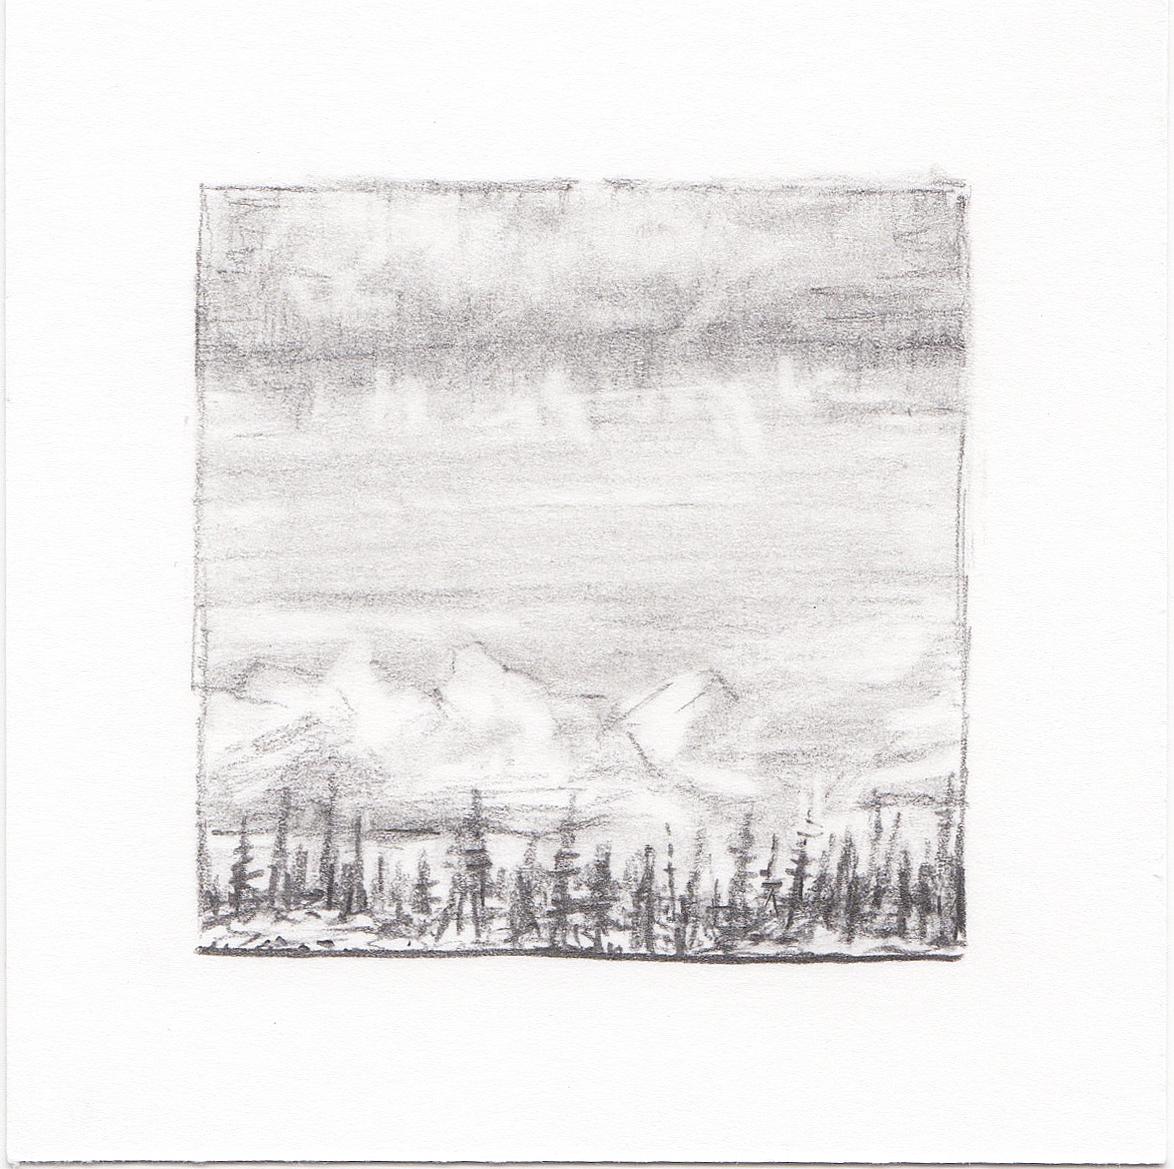 #23 Long Lake, Uinta Mountains, Utah | 3x3 | graphite